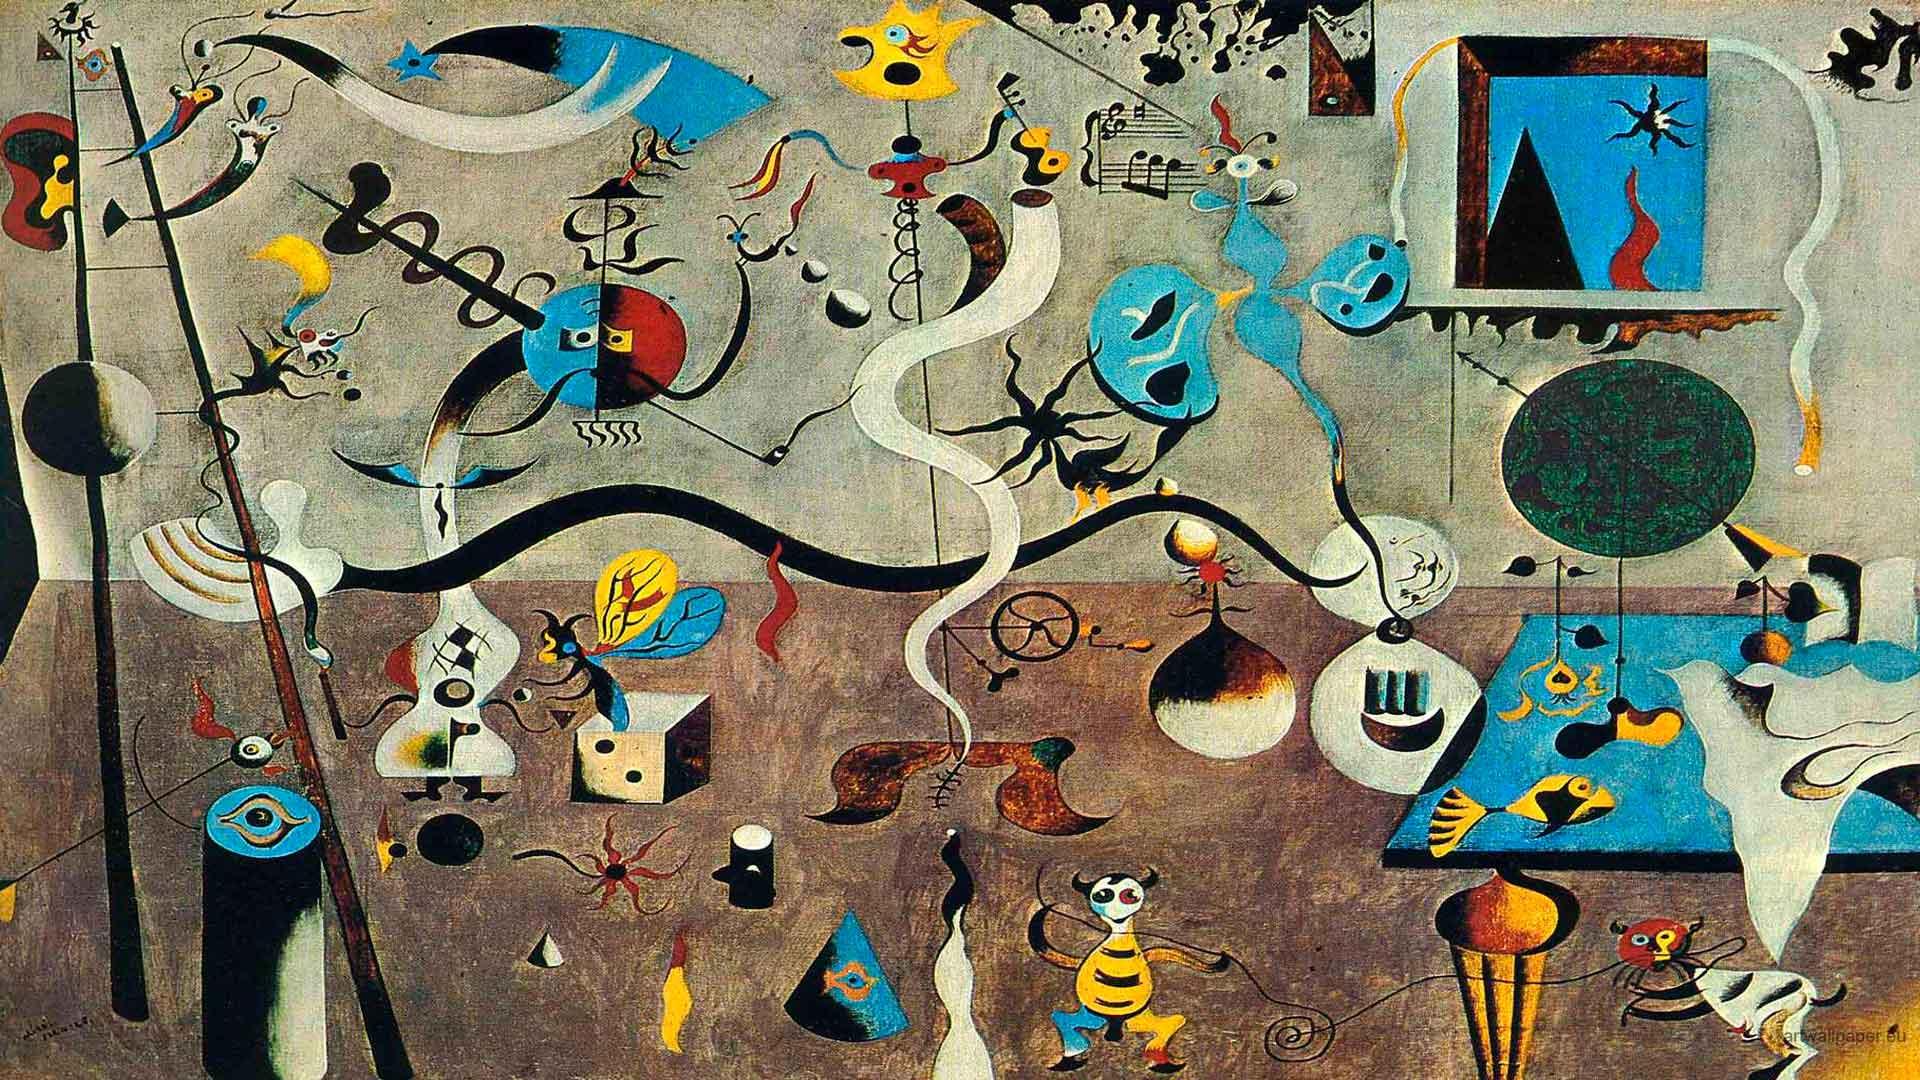 El Carnaval del Arlequín - Cuadro Surrealista pintado por Joan Miró en 1924 - Óleo sobre Lienzo 66 x 93 cm